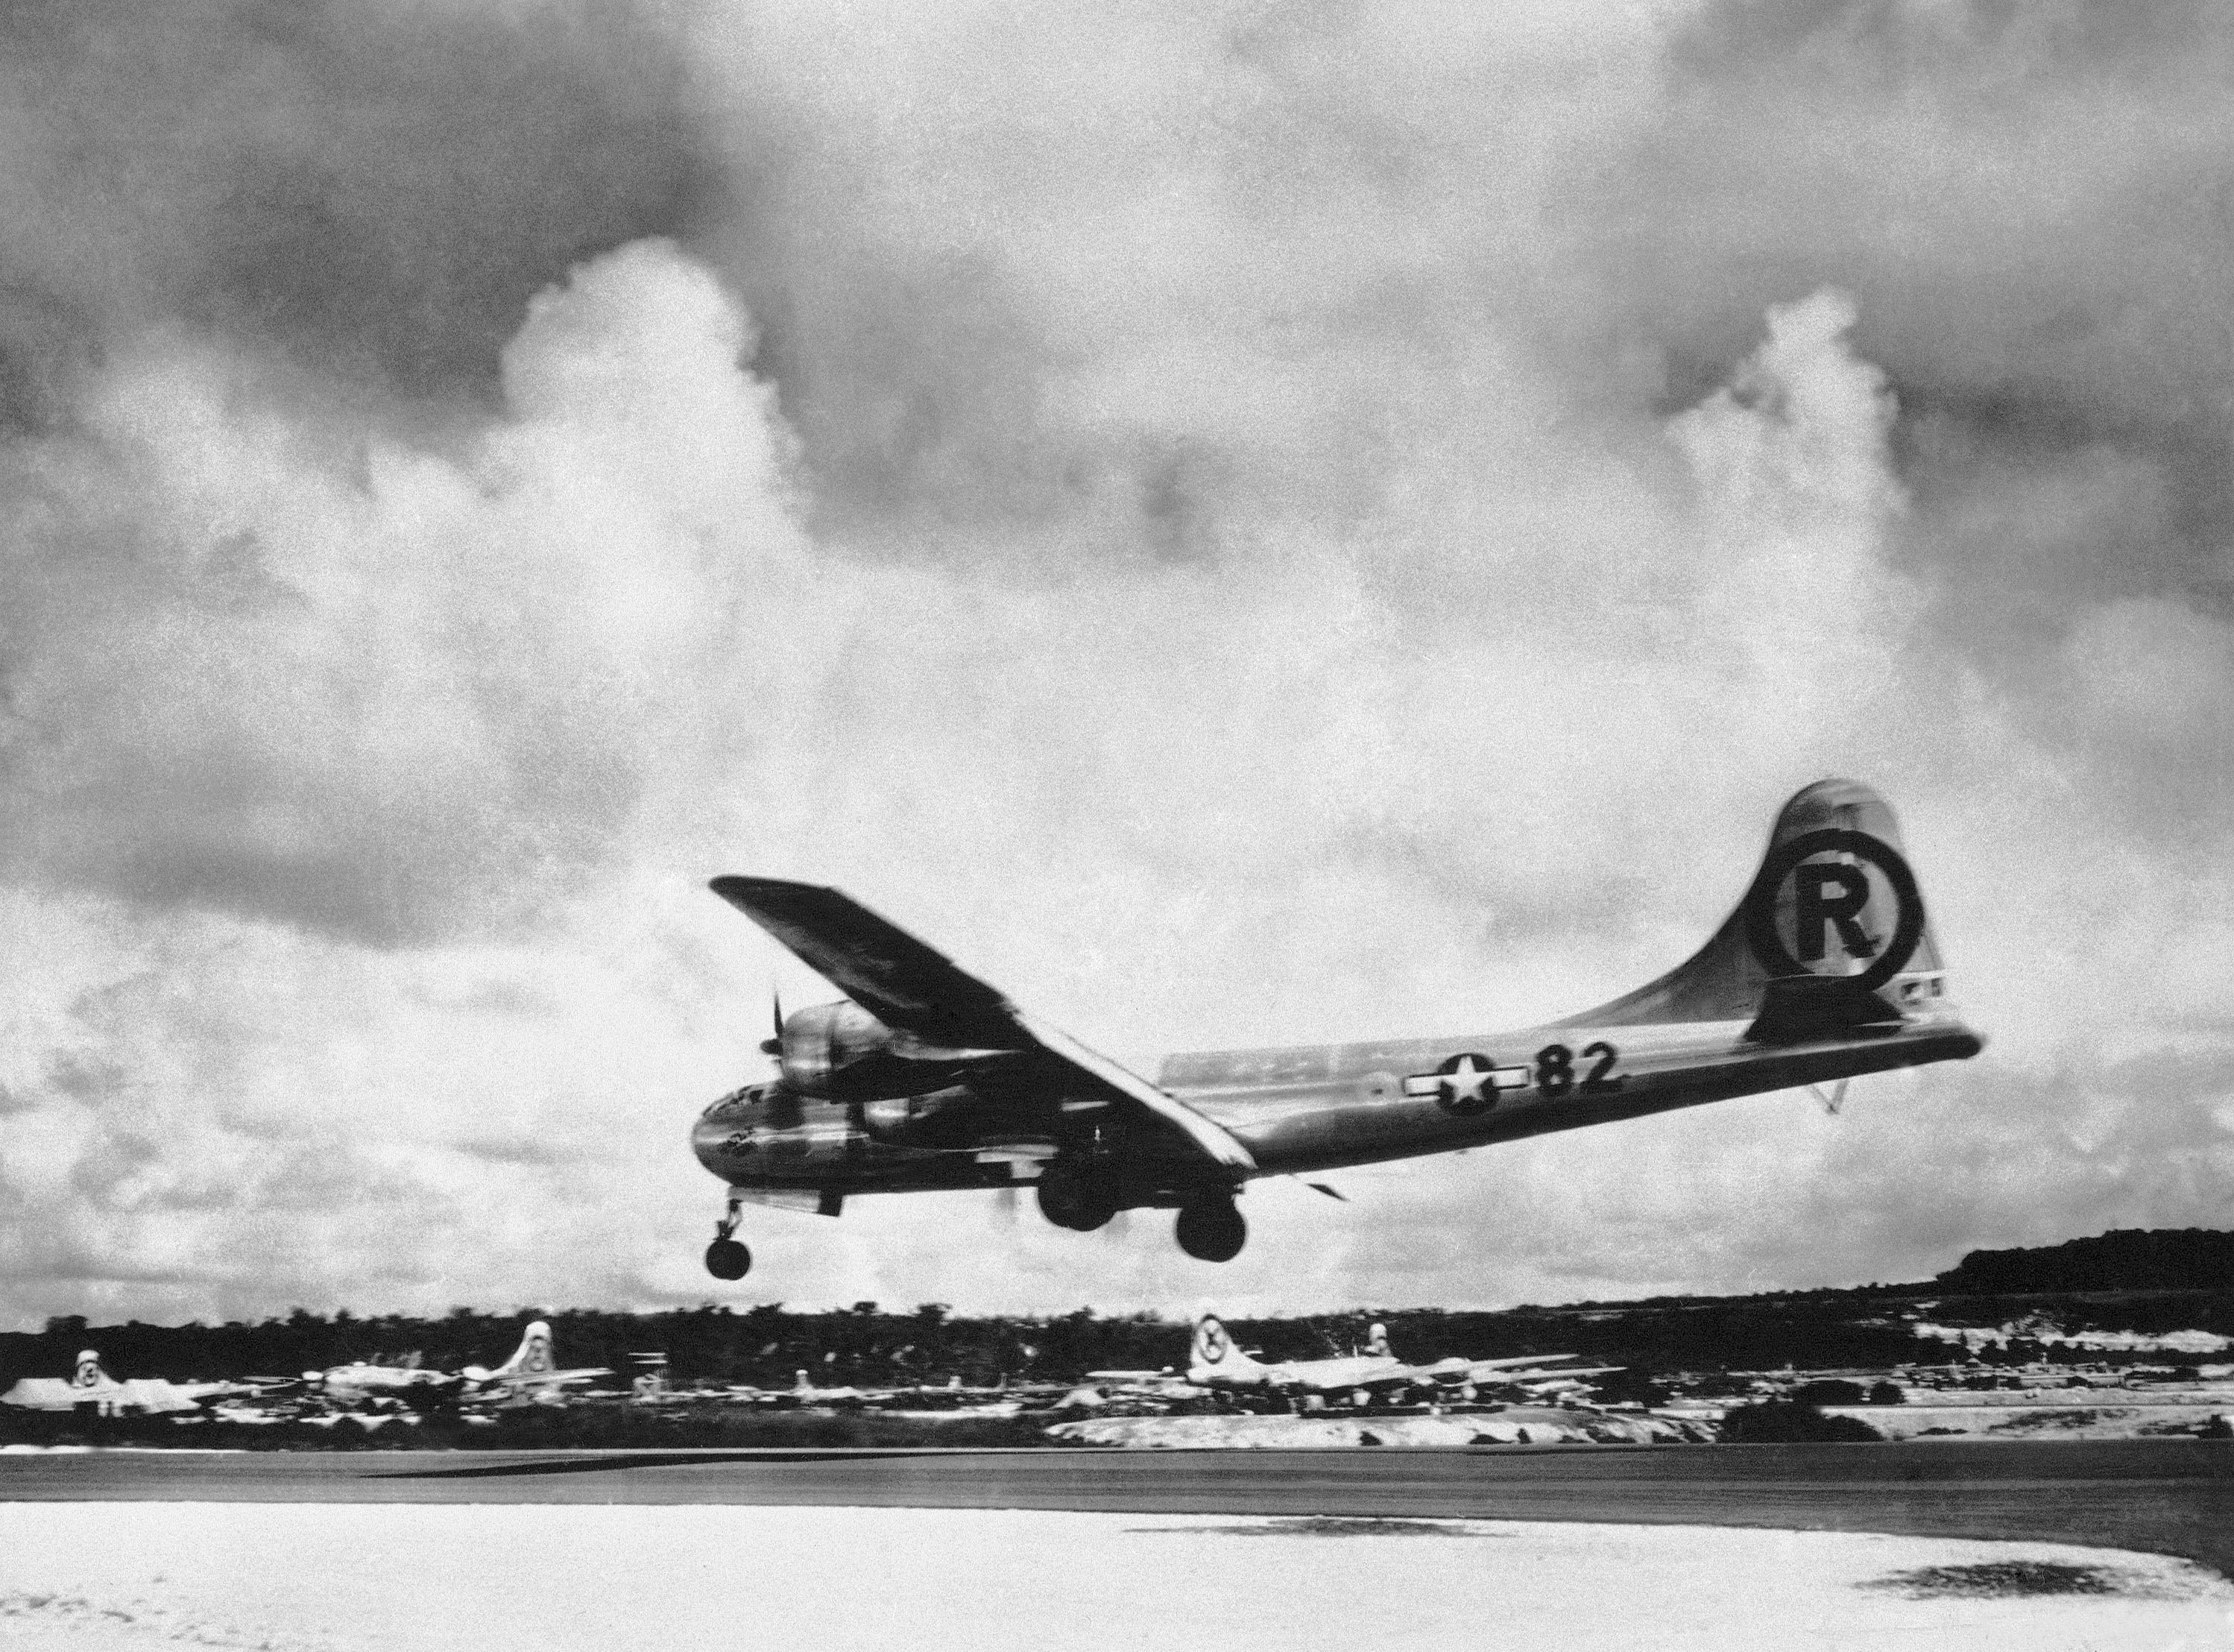 """Foto del 6 de agosto de 1945: el """"Enola Gay"""" Boeing B-29 Superfortress aterriza en Tinian, en las islas Marianas del Norte, tras lanzar la bomba atómica sobre la ciudad de Hiroshima (AP Foto/Max Desfor, archivo)"""